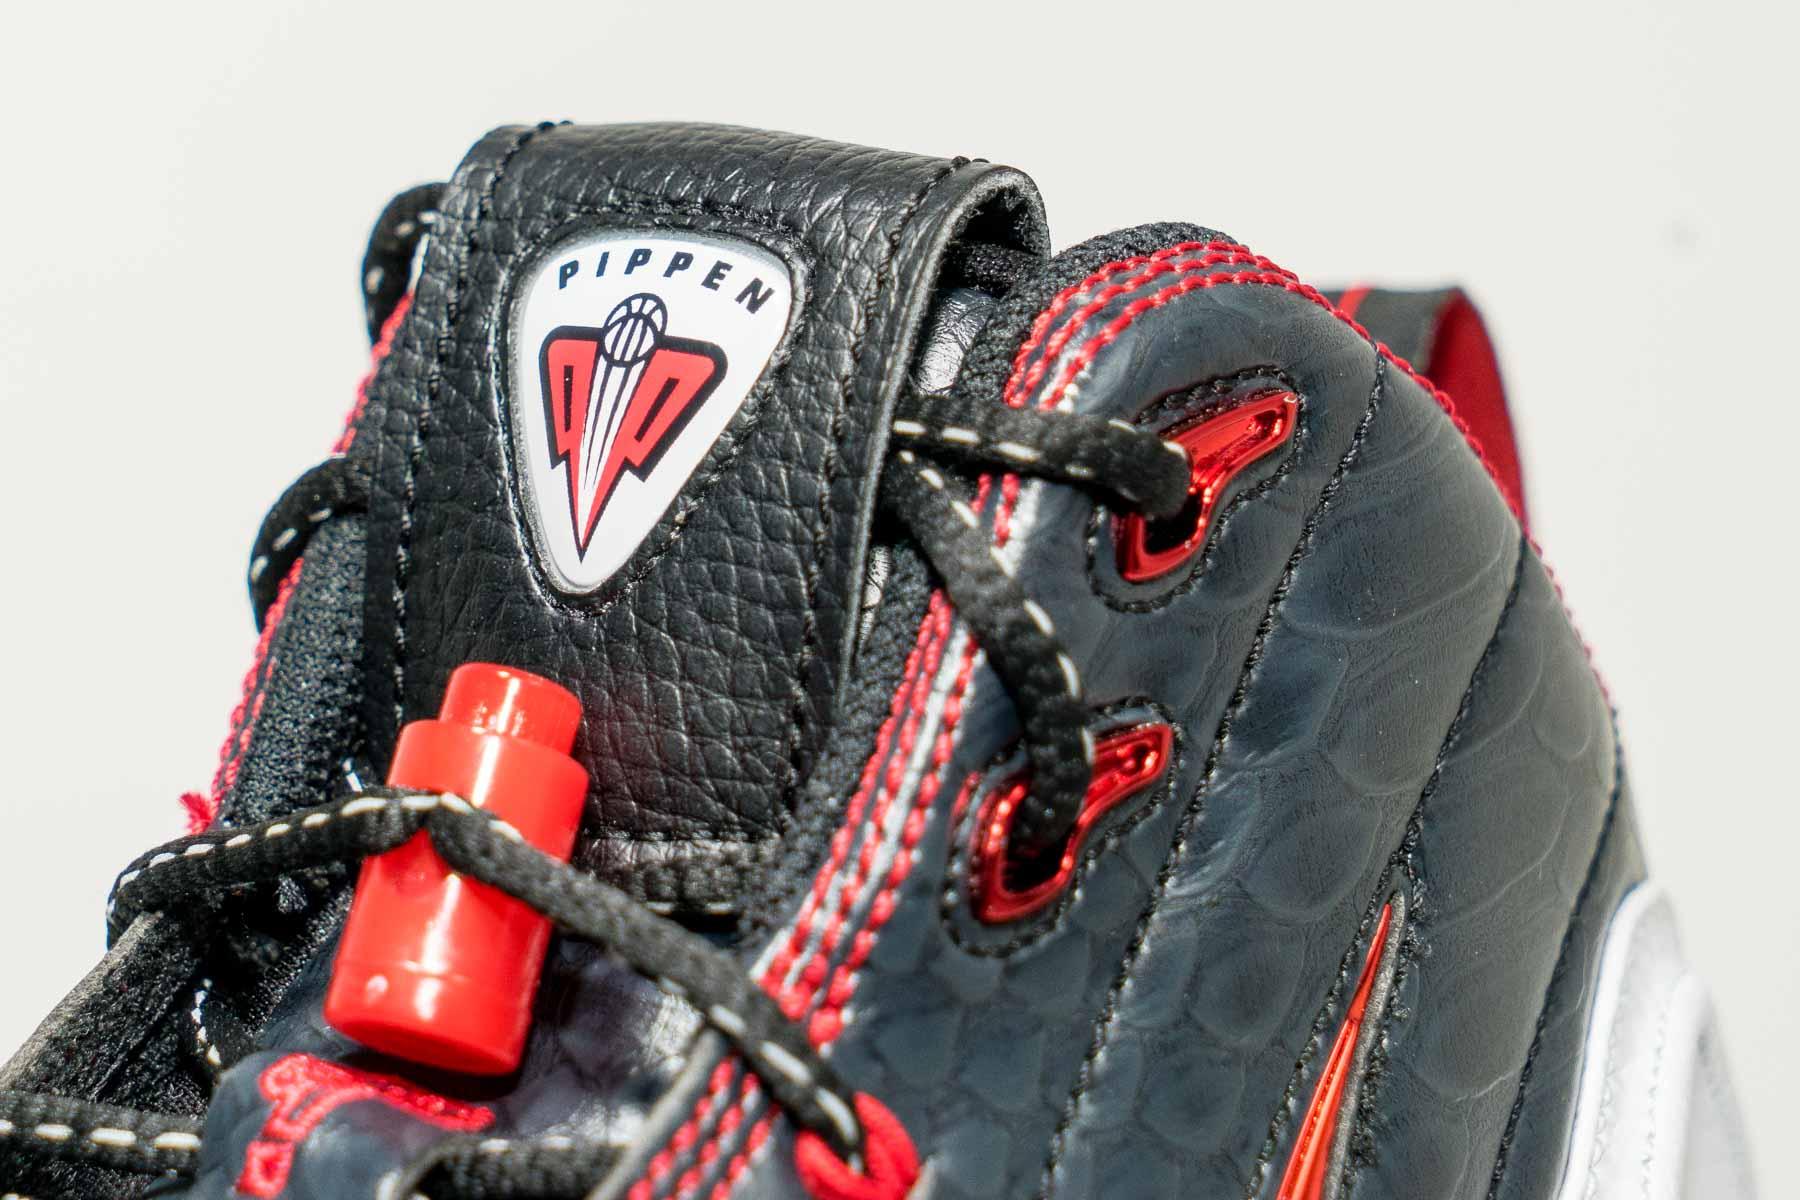 勘履訪客 / Nike Air Pippen 6 鑄刻於鞋身的光榮記憶